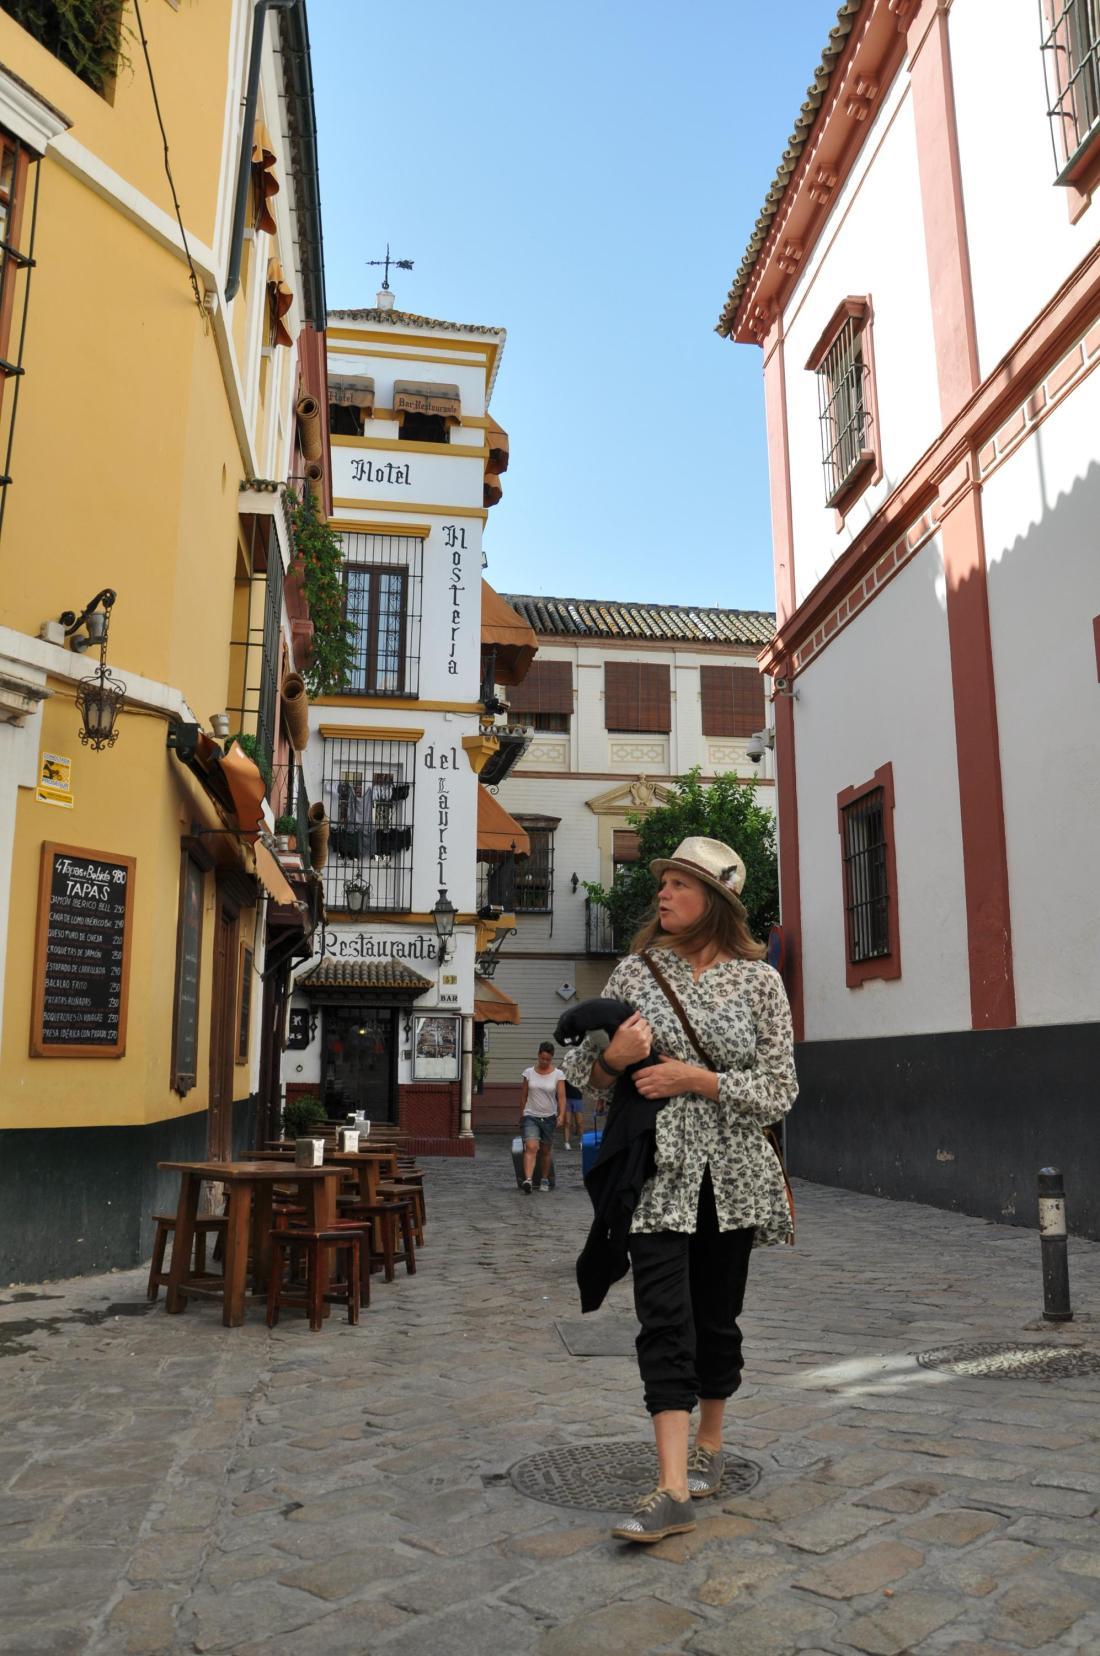 seville wandering around